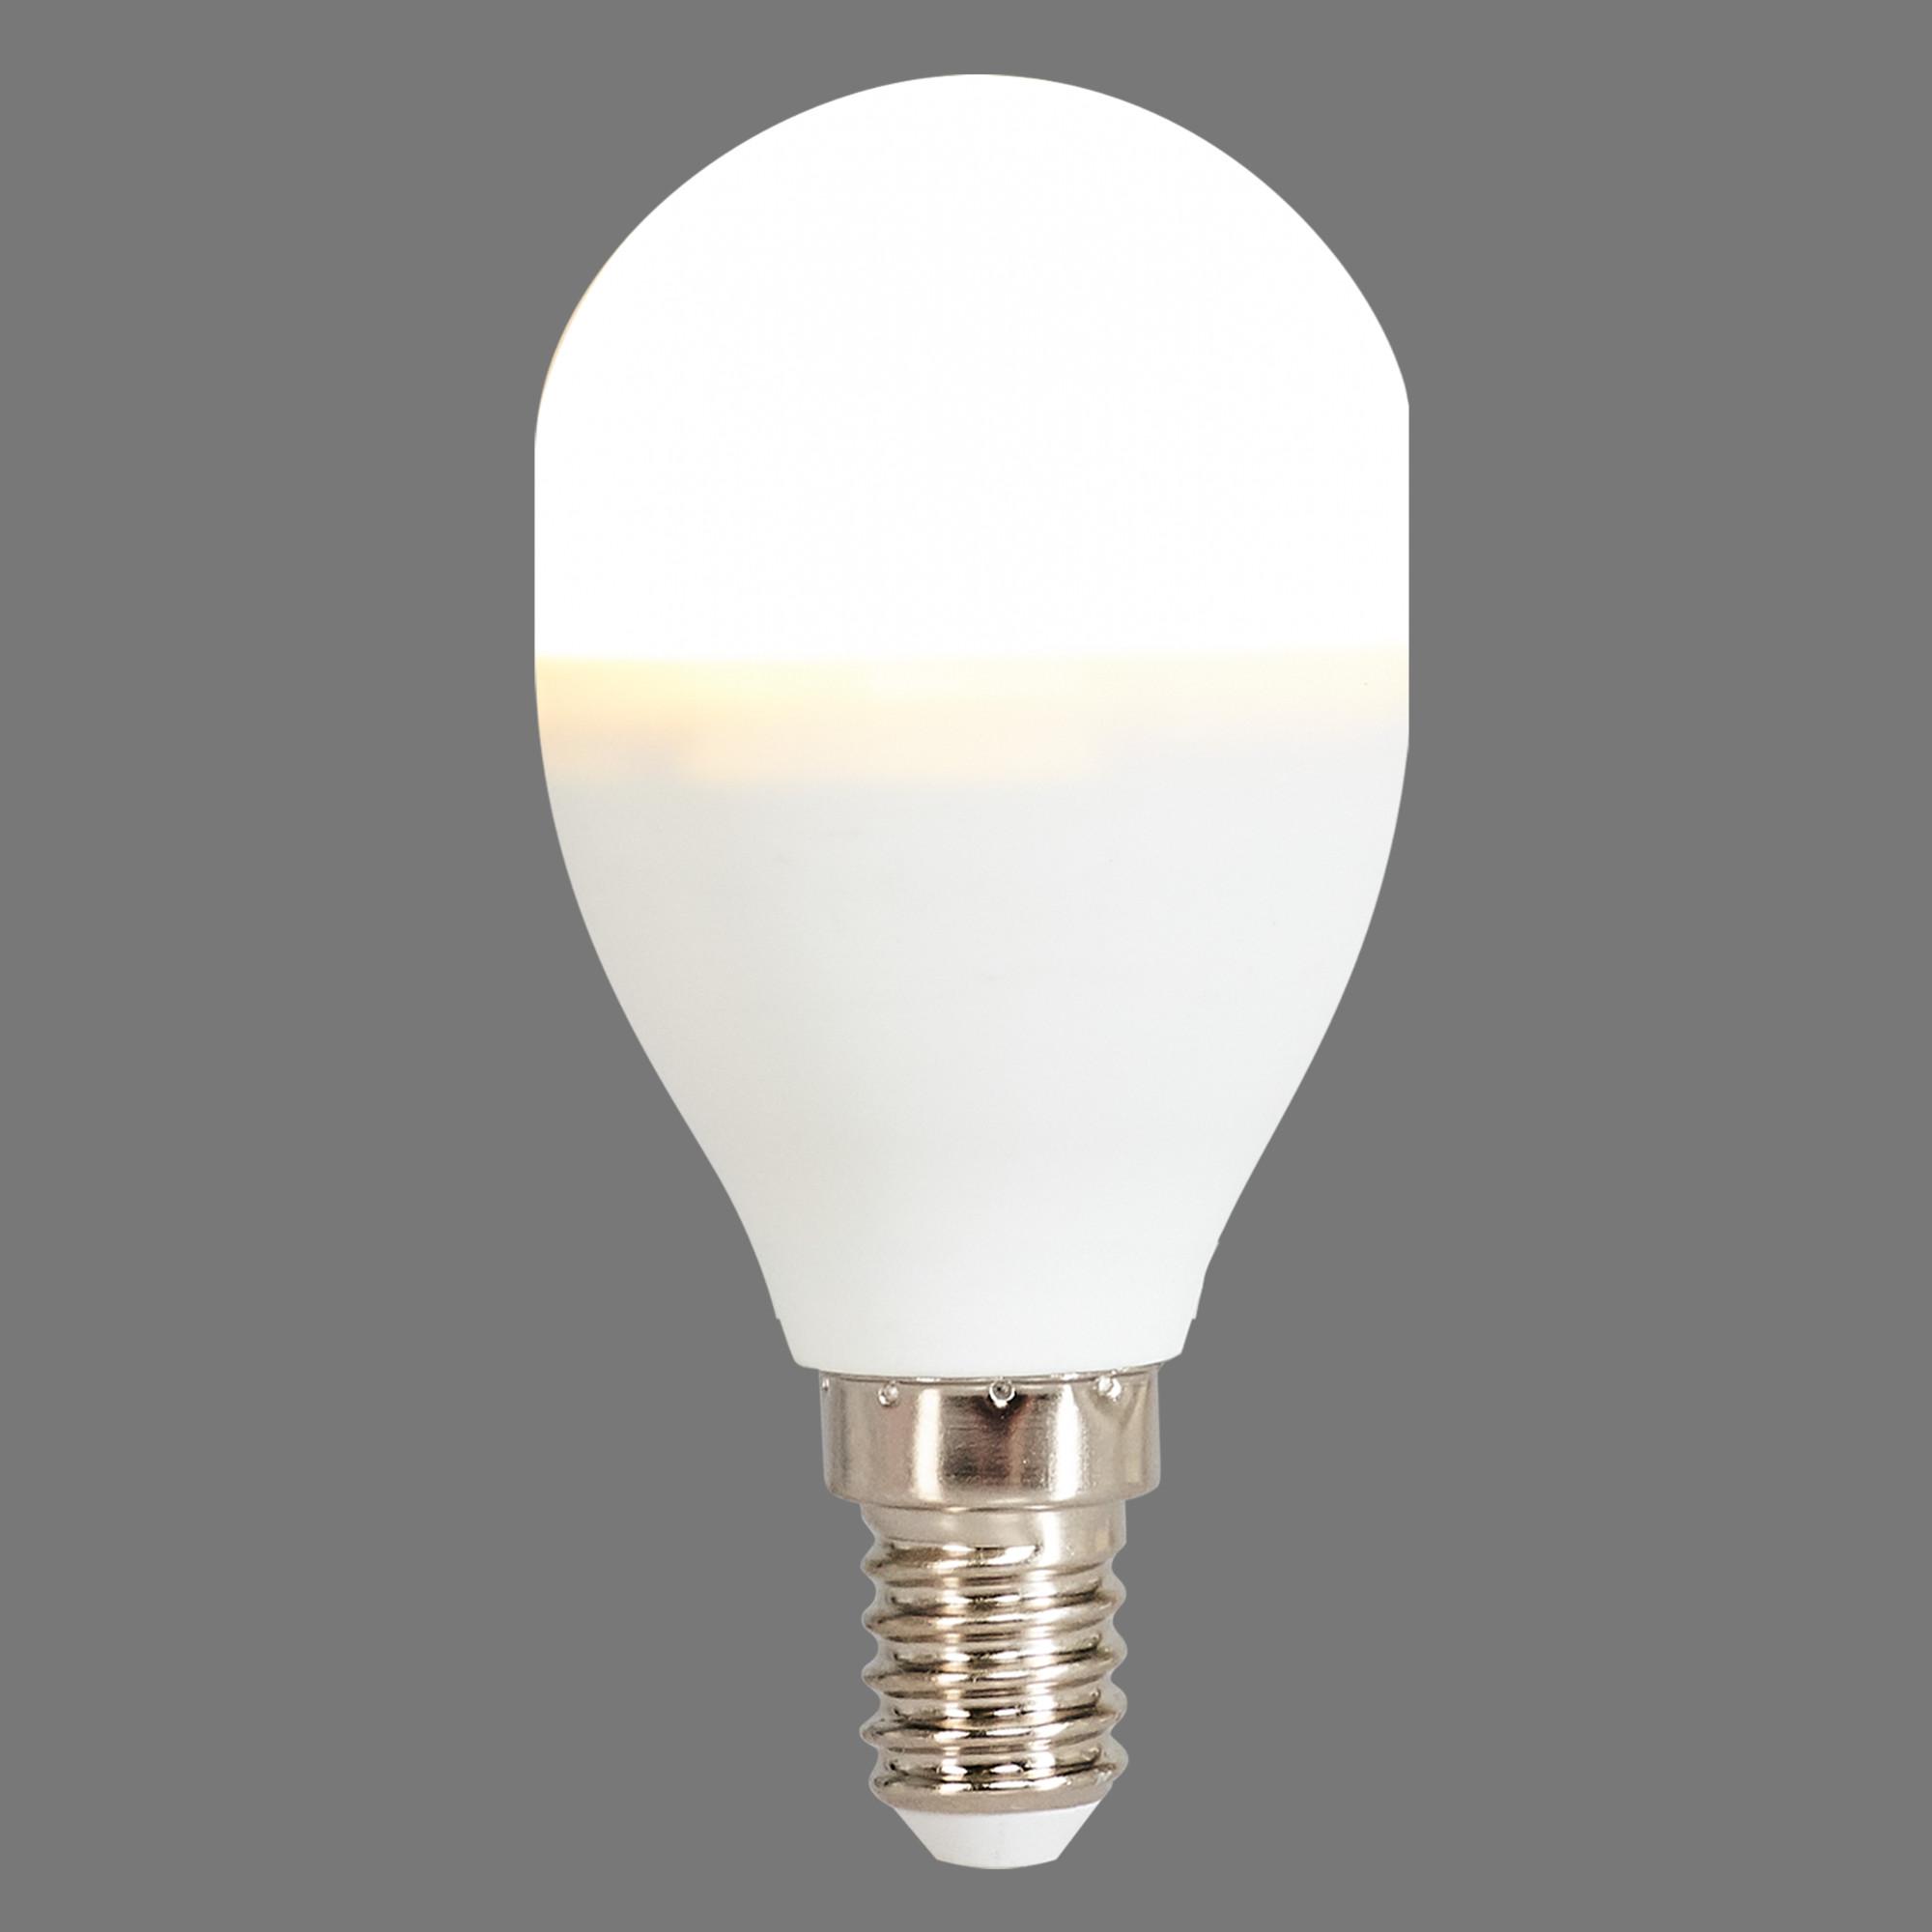 Лампа светодиодная Osram E14 220 В 8 Вт шар матовая 806 лм тёплый белый свет